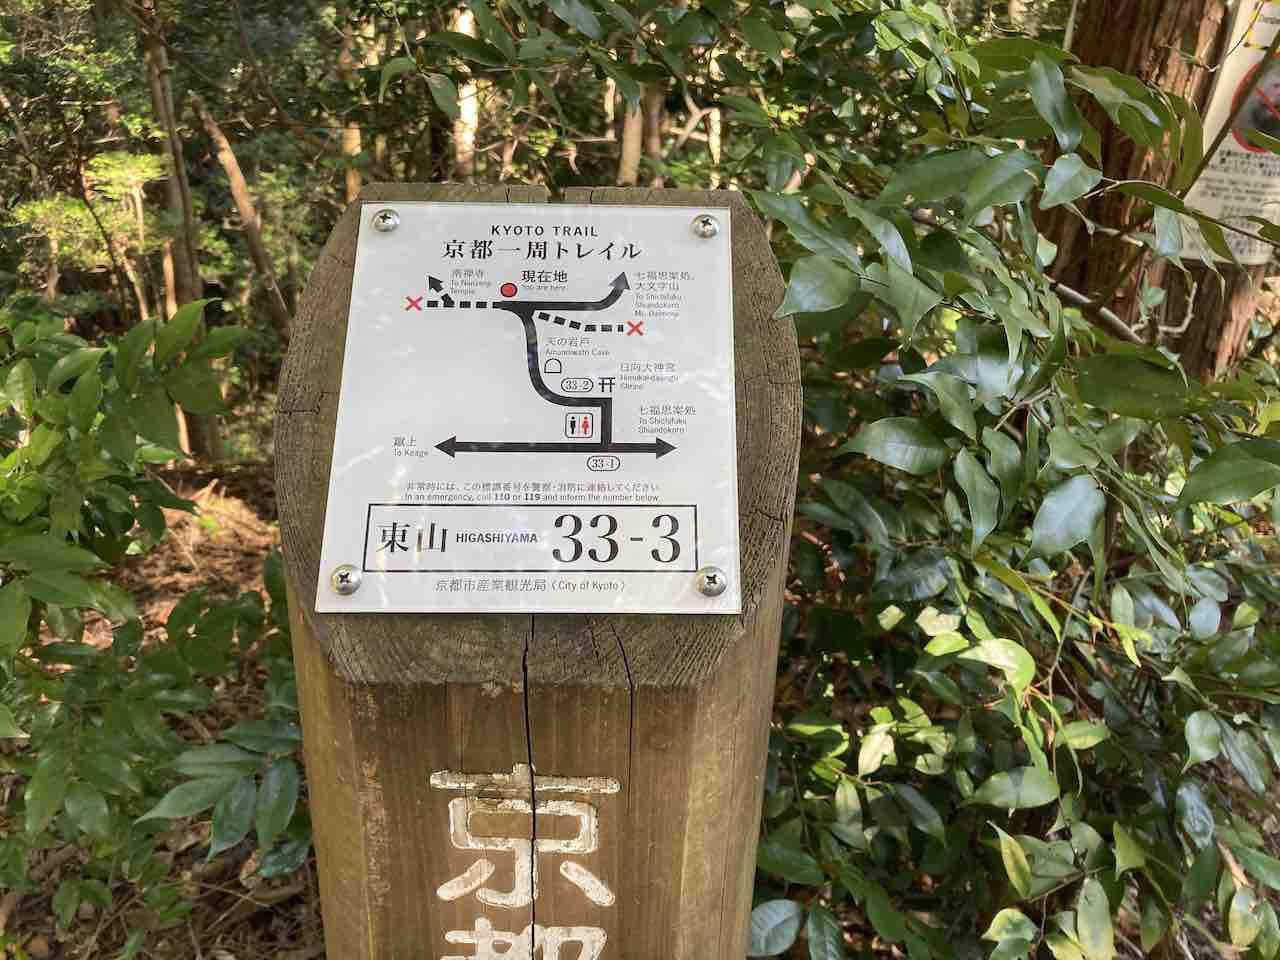 京都一周トレイル 大文字エリア